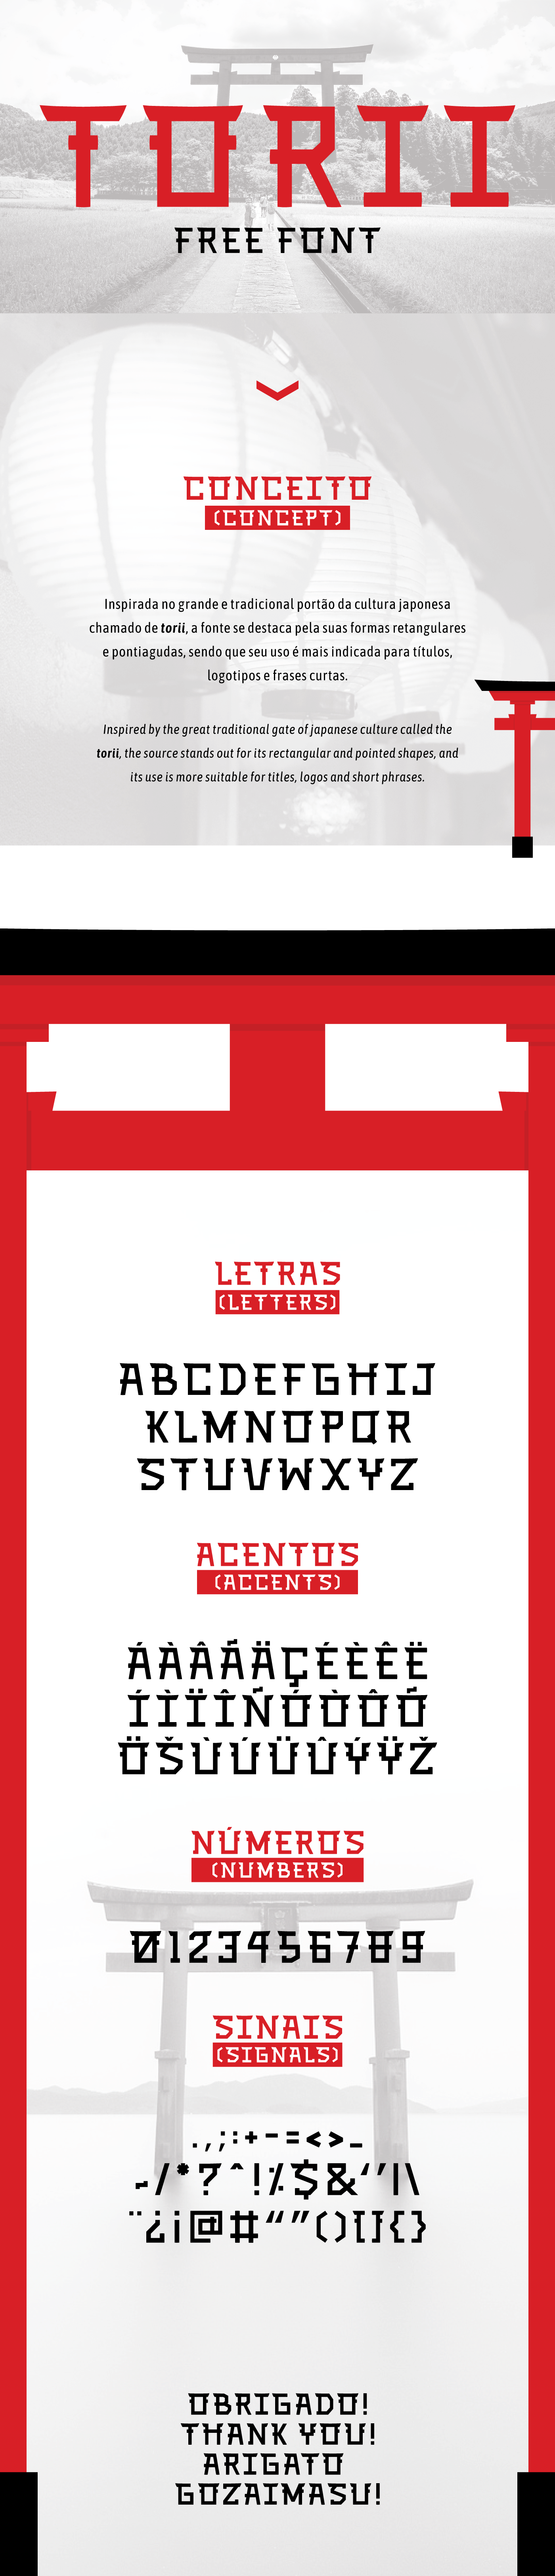 tipografia fonte design gráfico